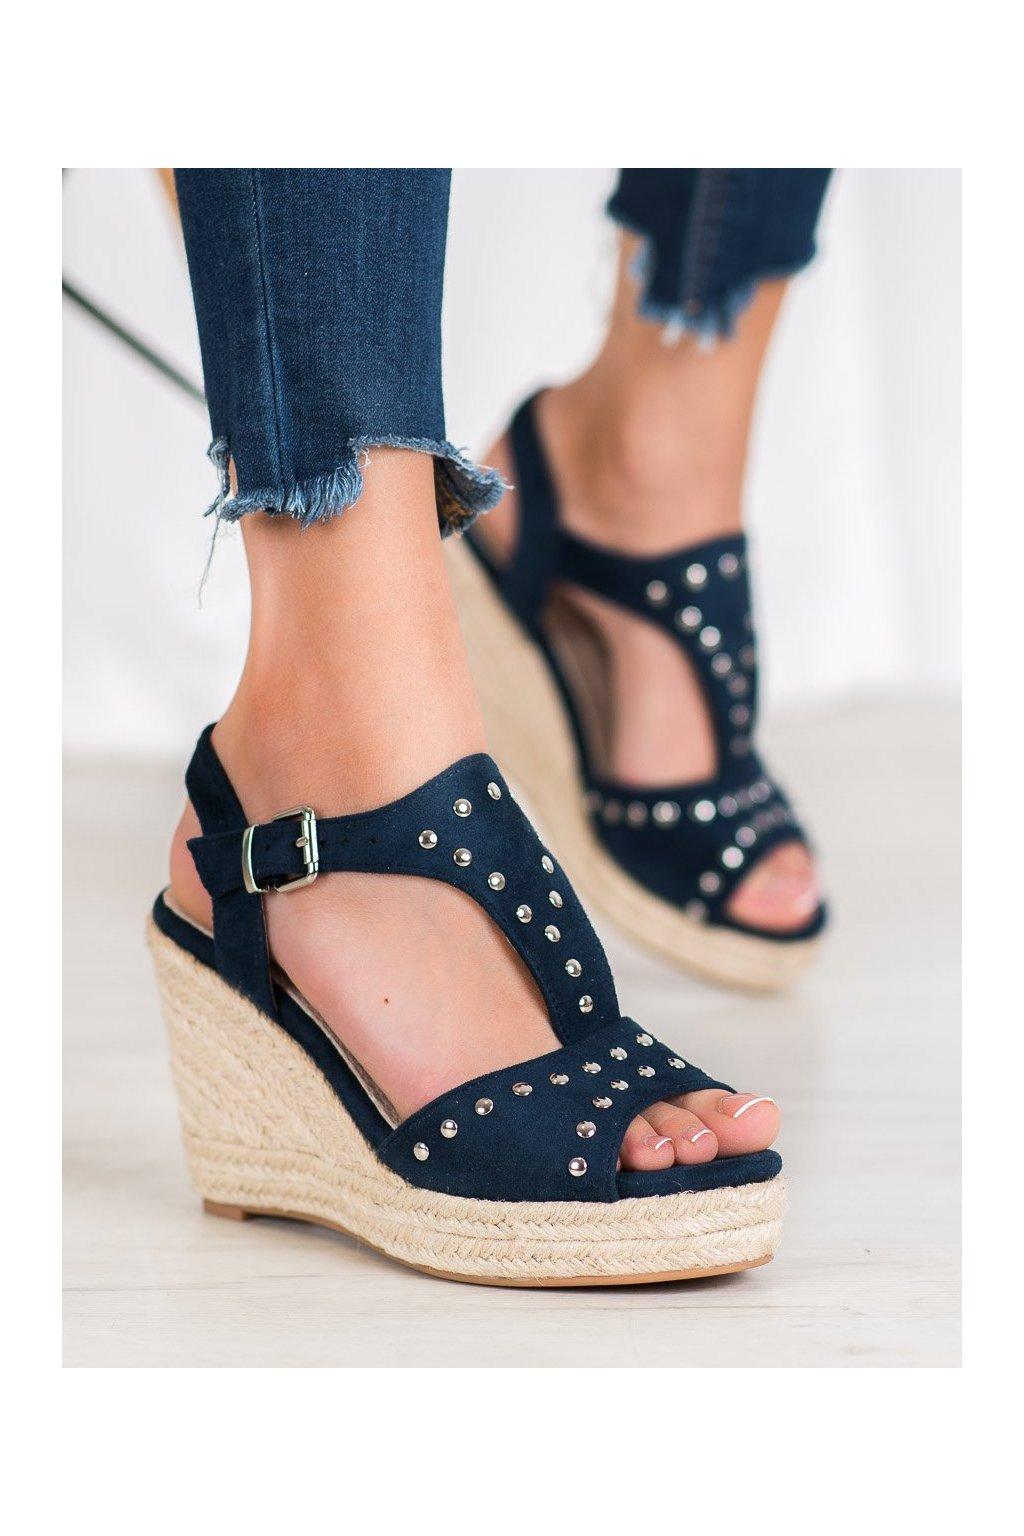 Modré sandále na platforme Kylie kod K1952001MA